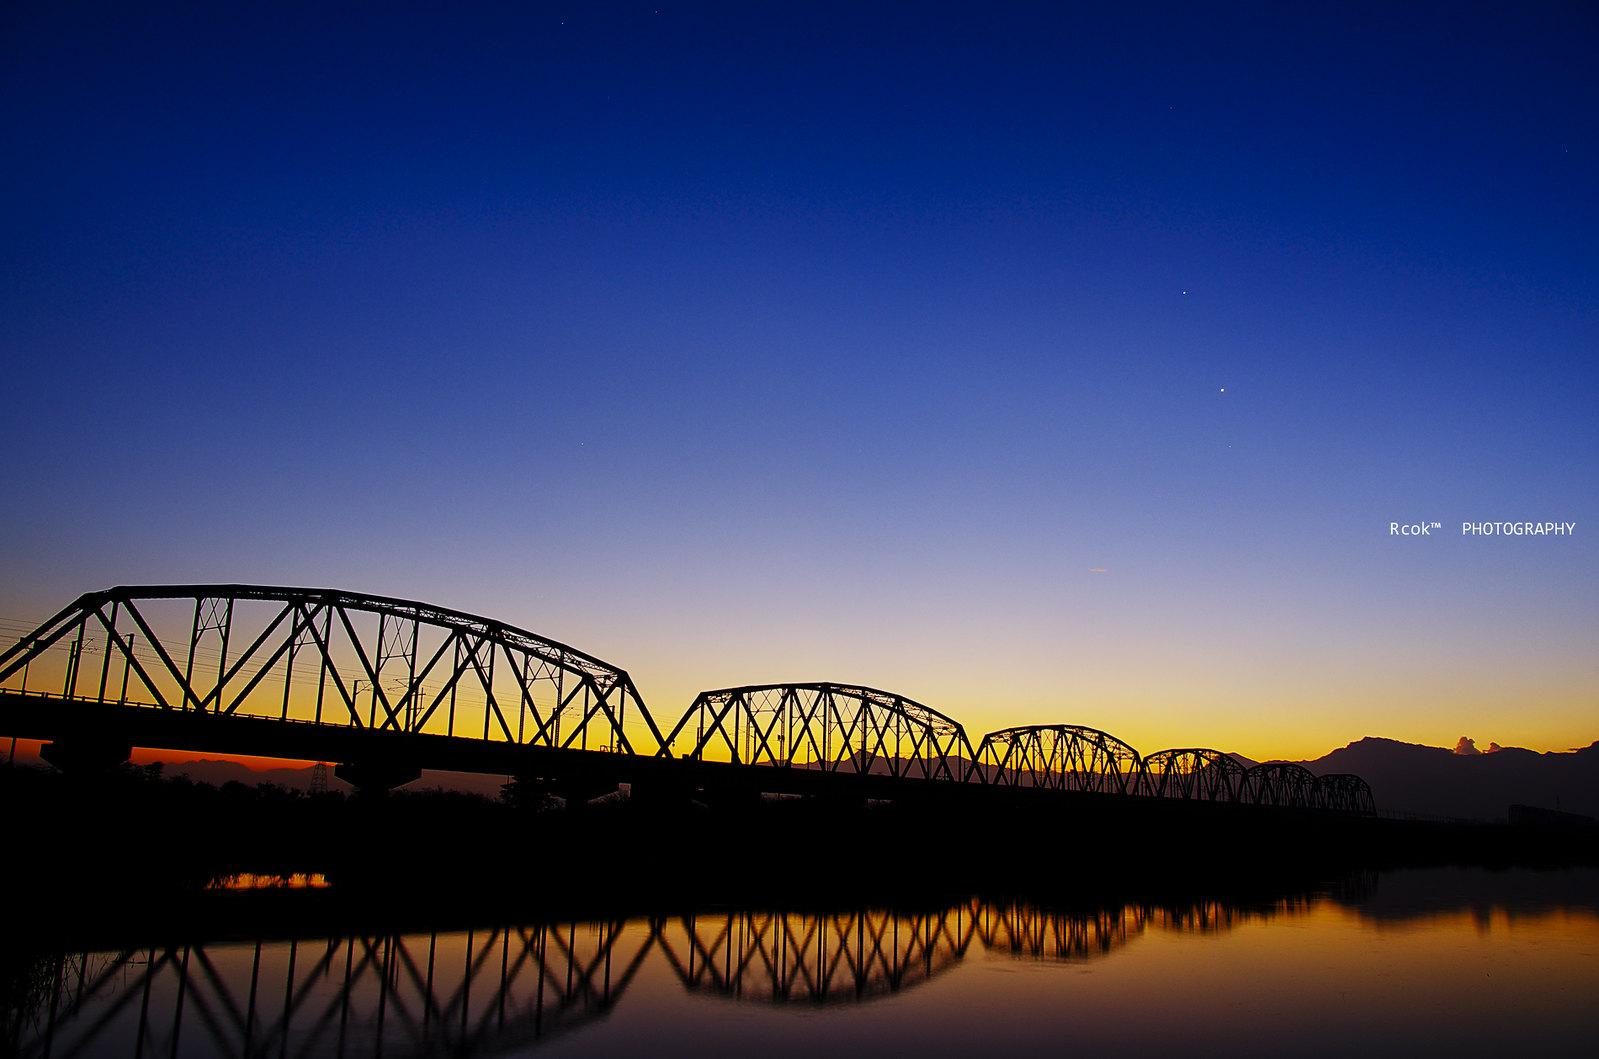 小燒舊鐵橋